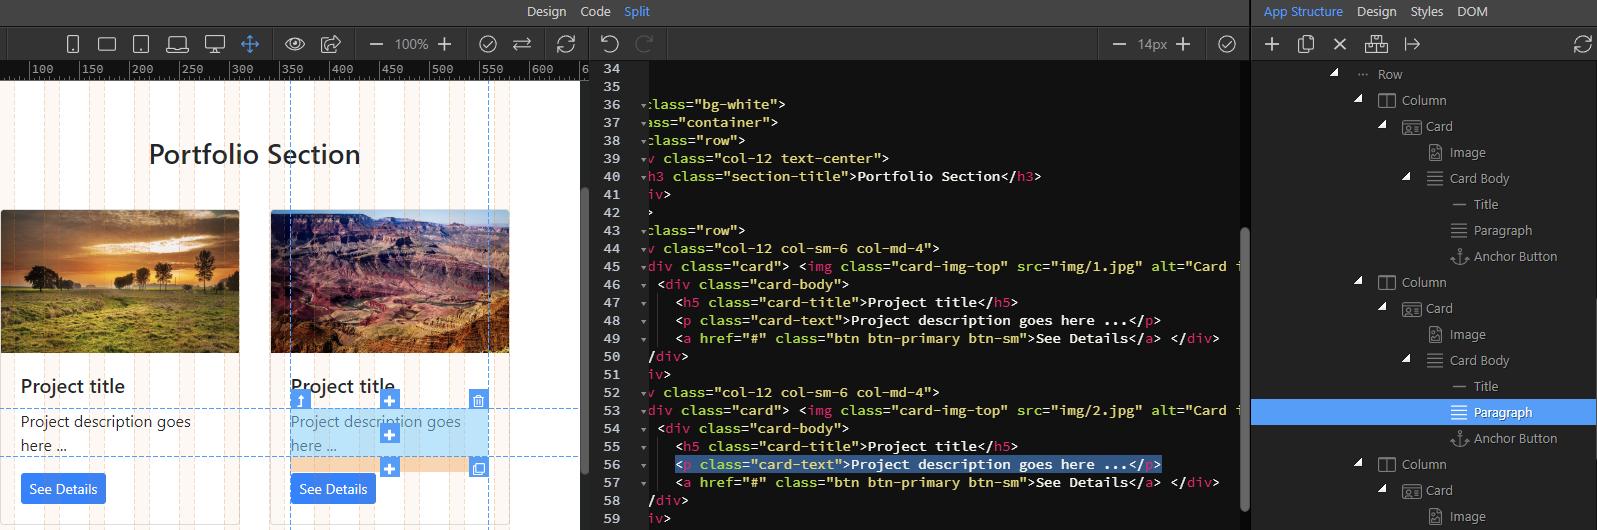 Wappler 1 5 0 Released - Announcements - Wappler Community